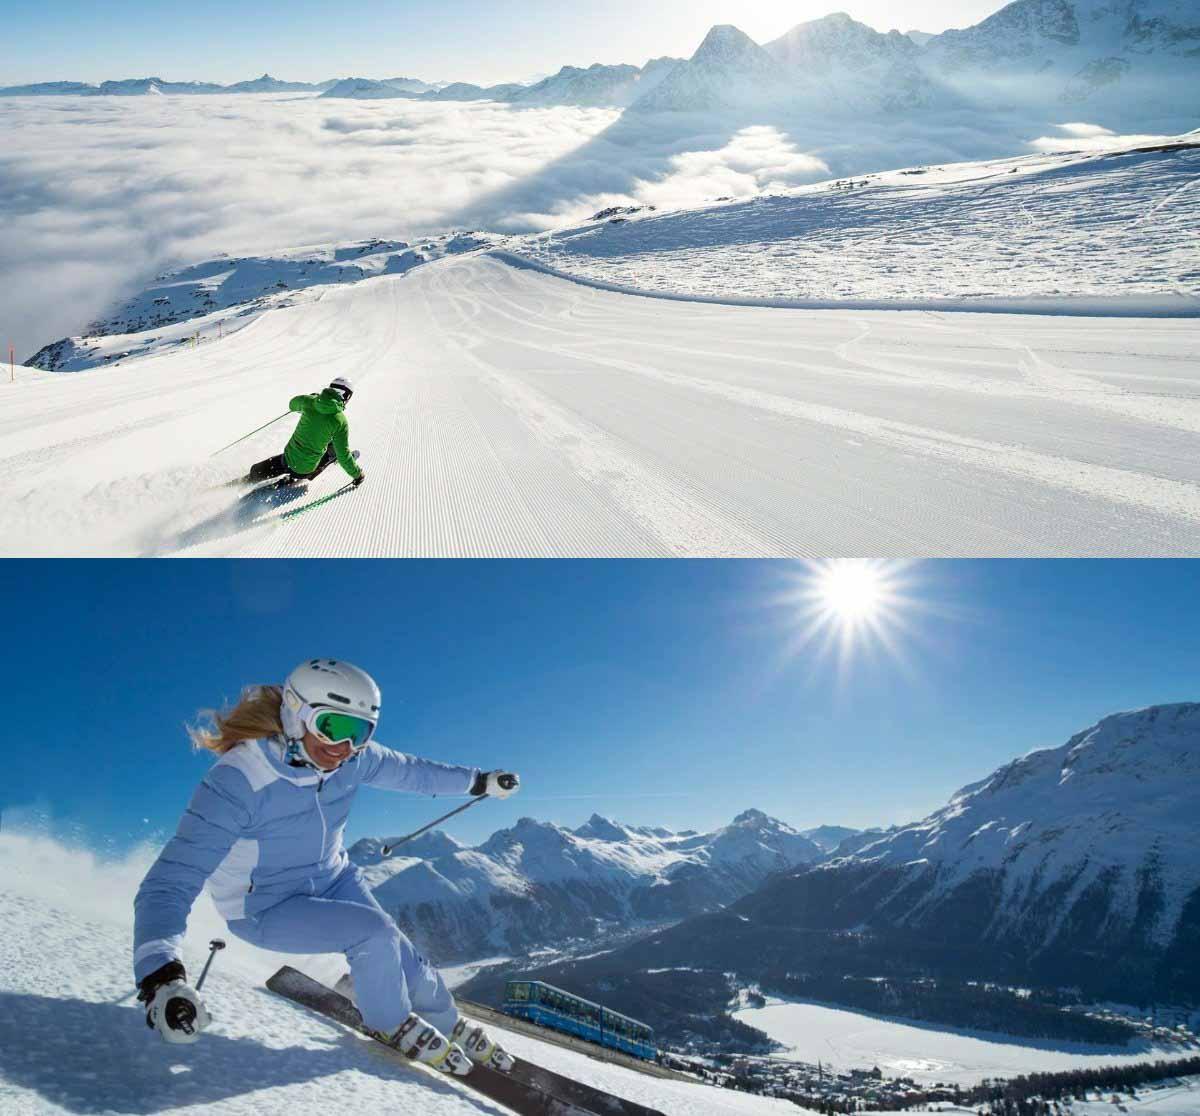 Почему горнолыжный курорт Санкт-Мориц в Швейцарии называют лучшим в мире